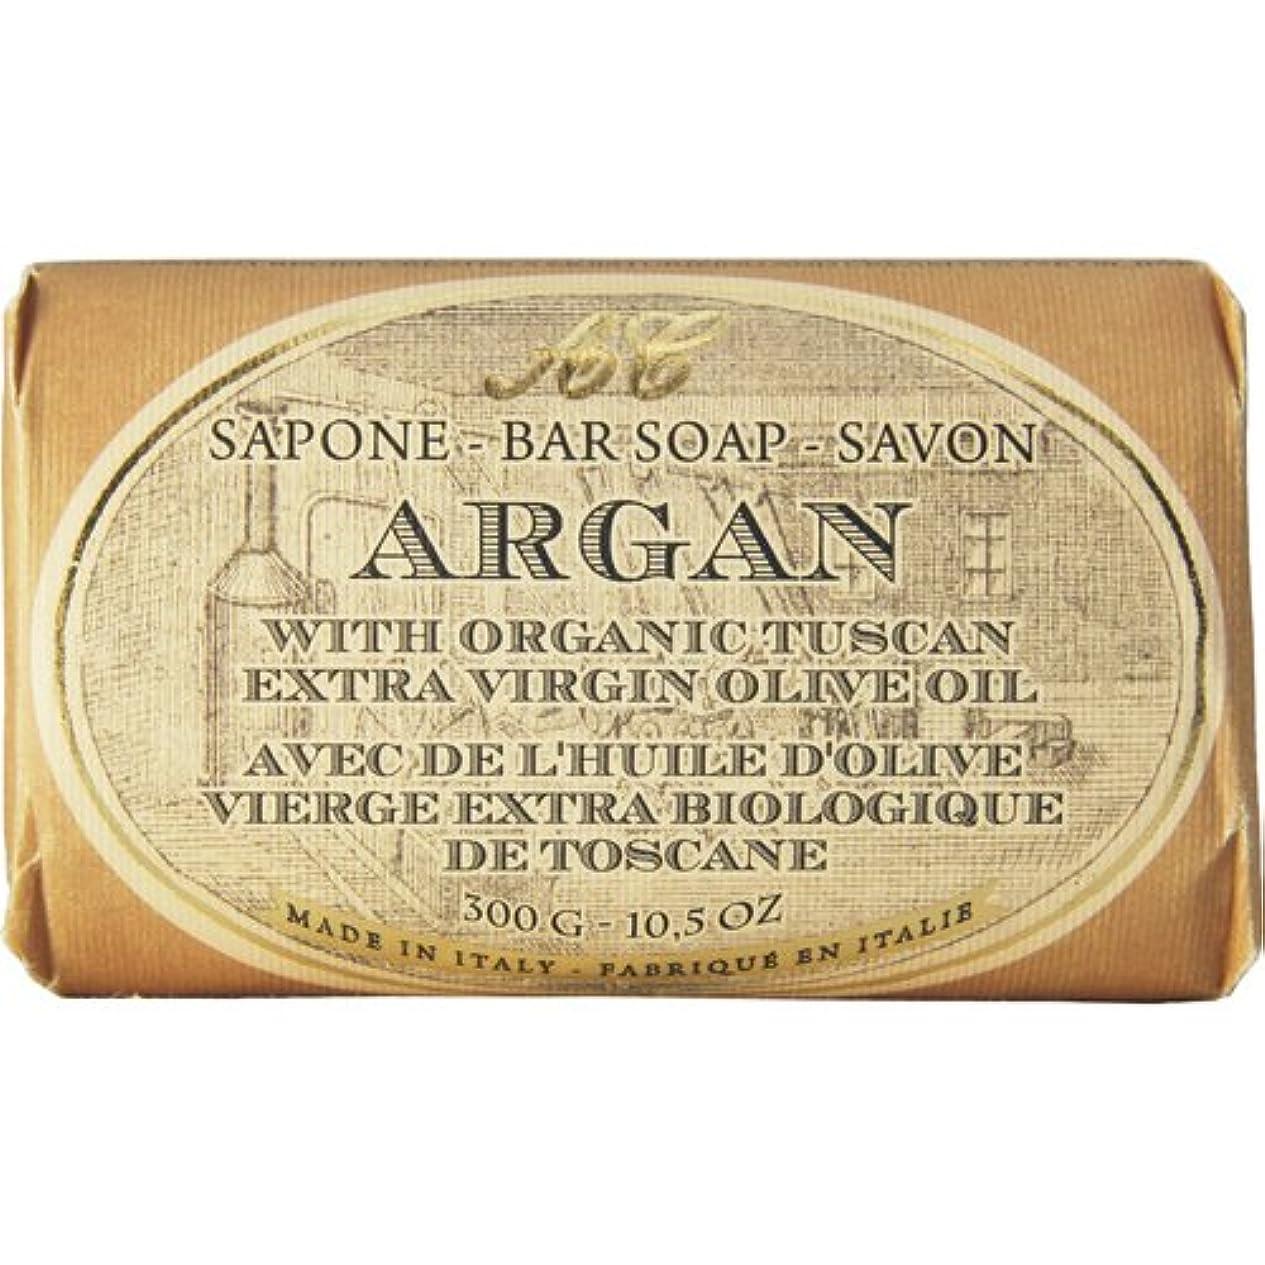 一回フクロウダウンSaponerire Fissi レトロシリーズ Bar Soap バーソープ 300g Argan アルガンオイル